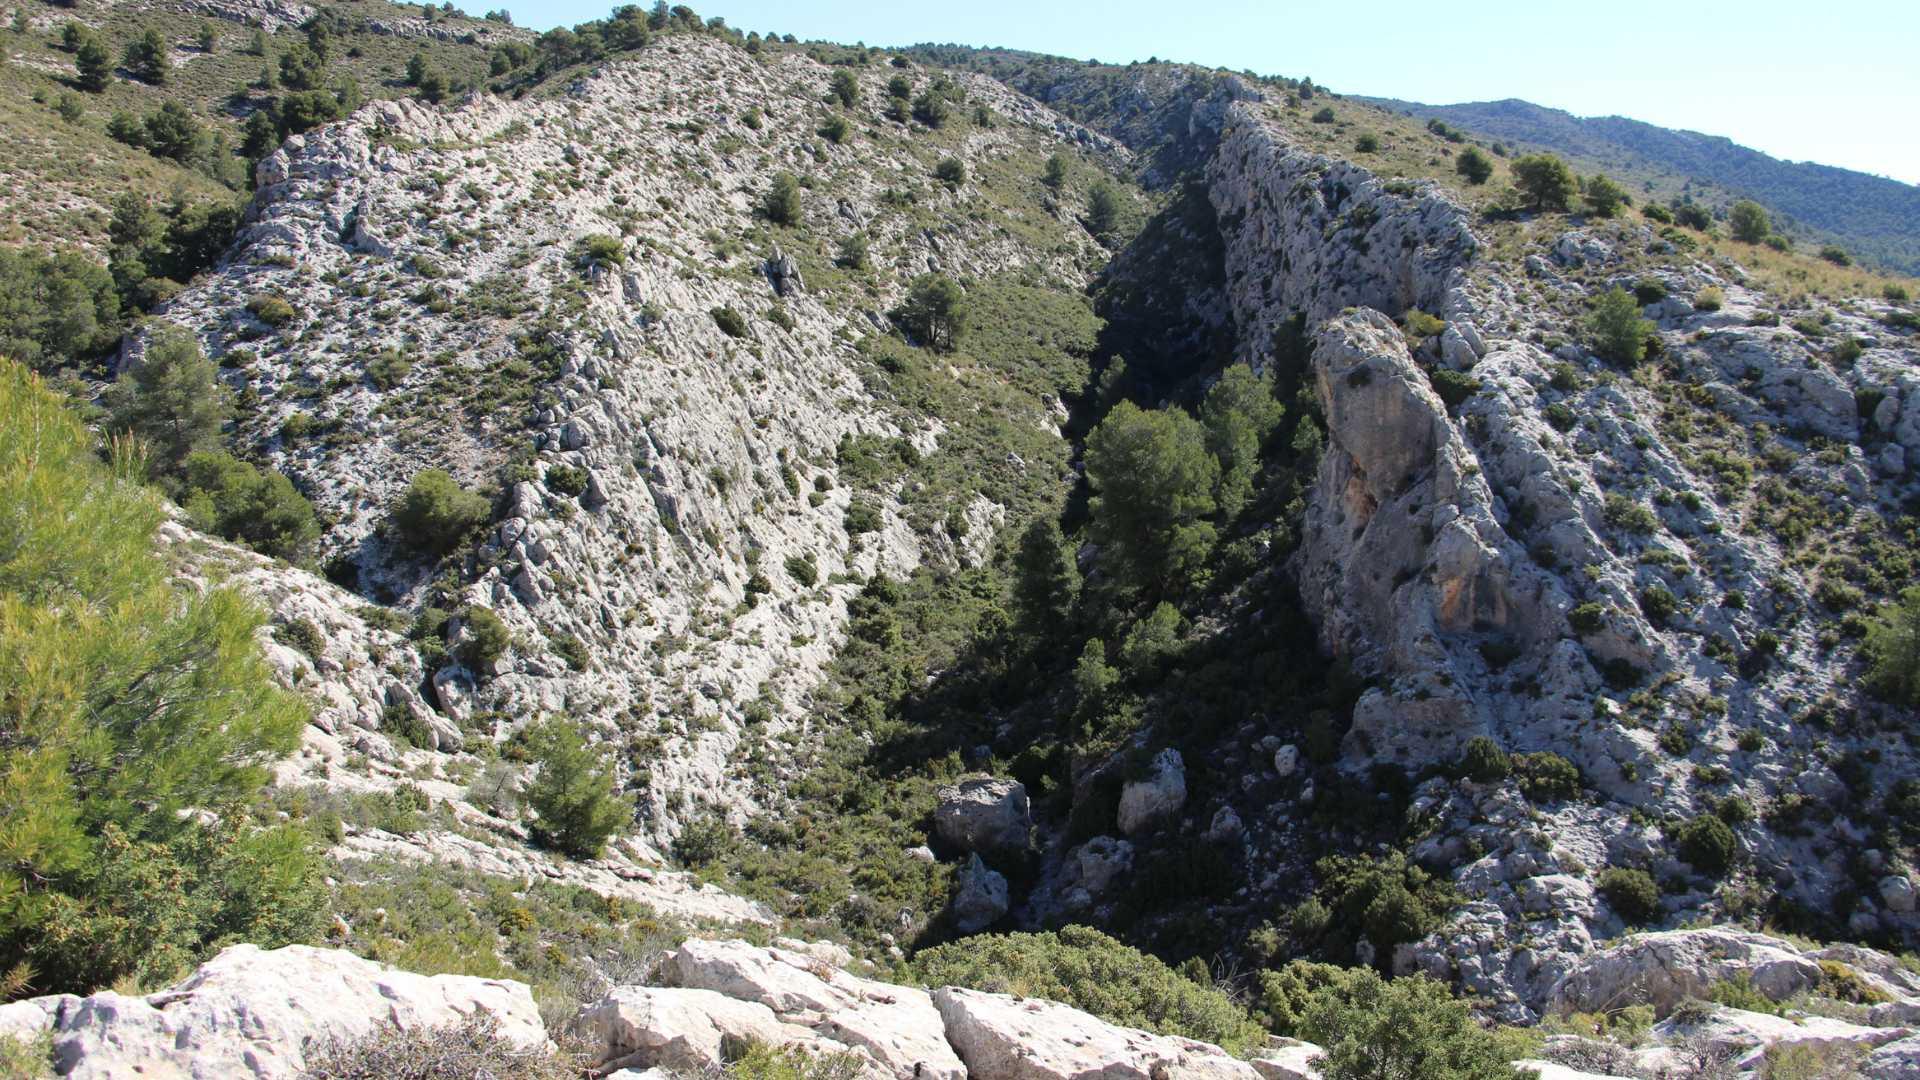 Barranco de les Raboses